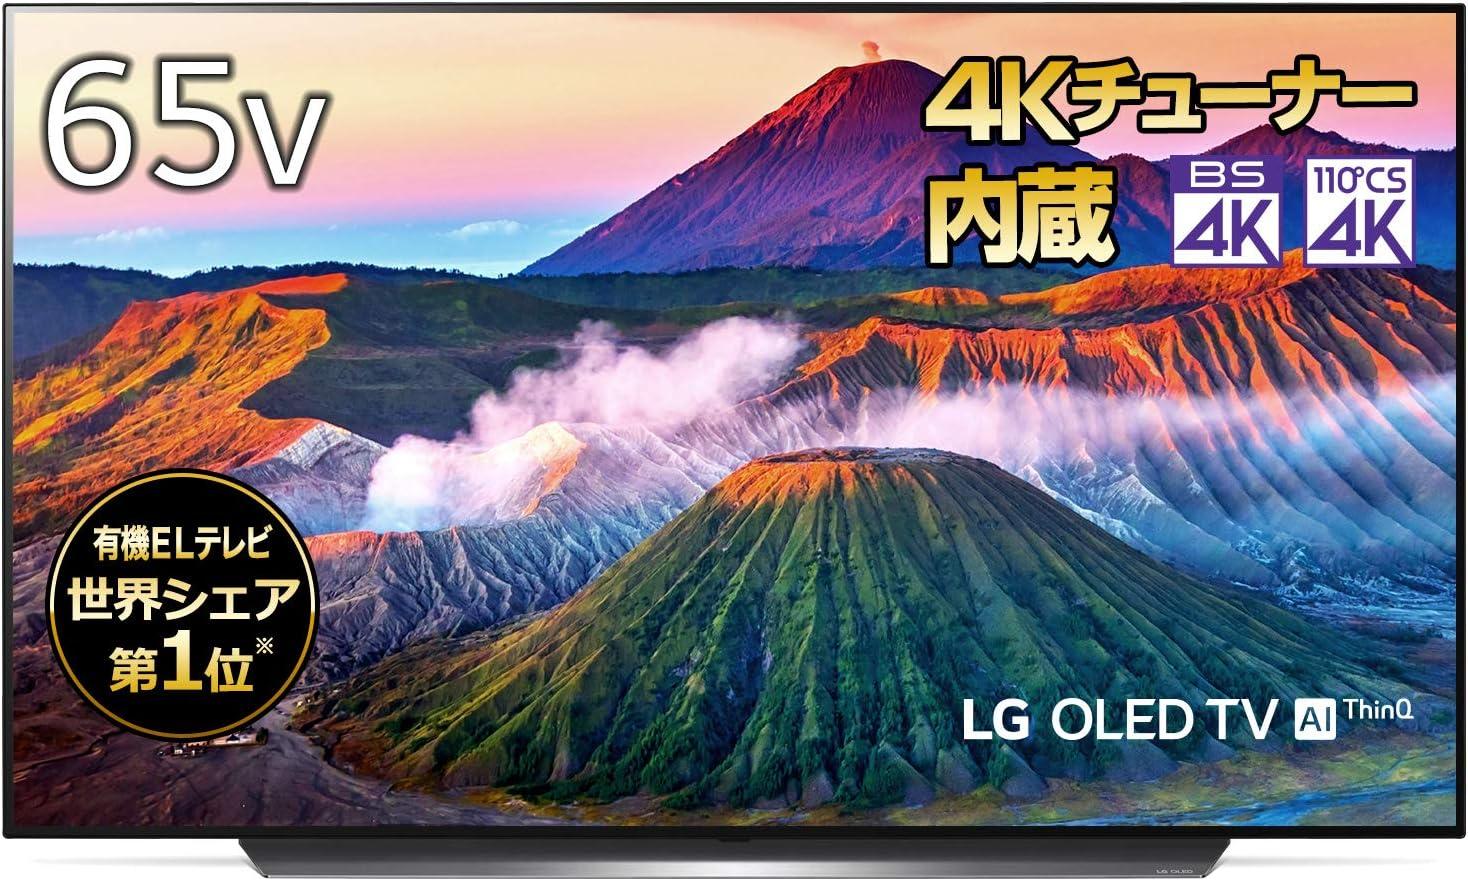 LG 65V型 4Kチューナー内蔵 有機EL